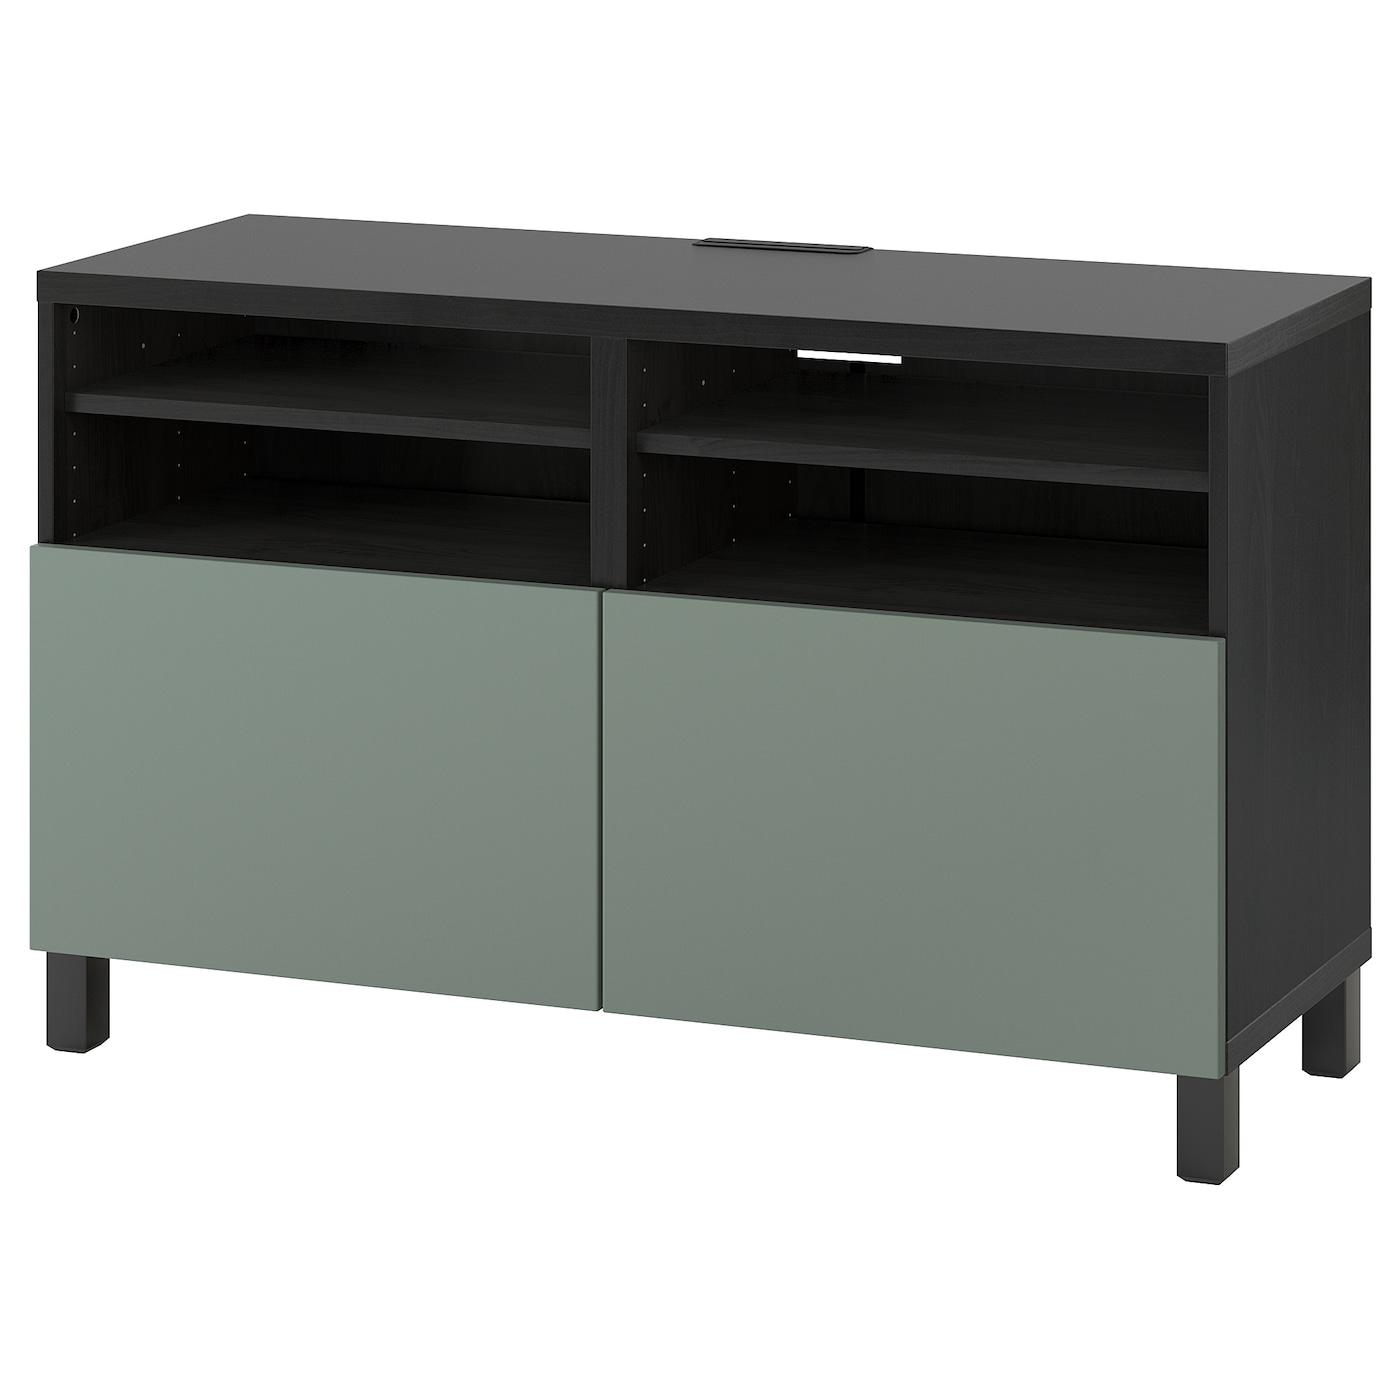 -tv-bench-with-doors-black-brown-notviken-stubbarp-grey-green__0741079_PE742182_S5